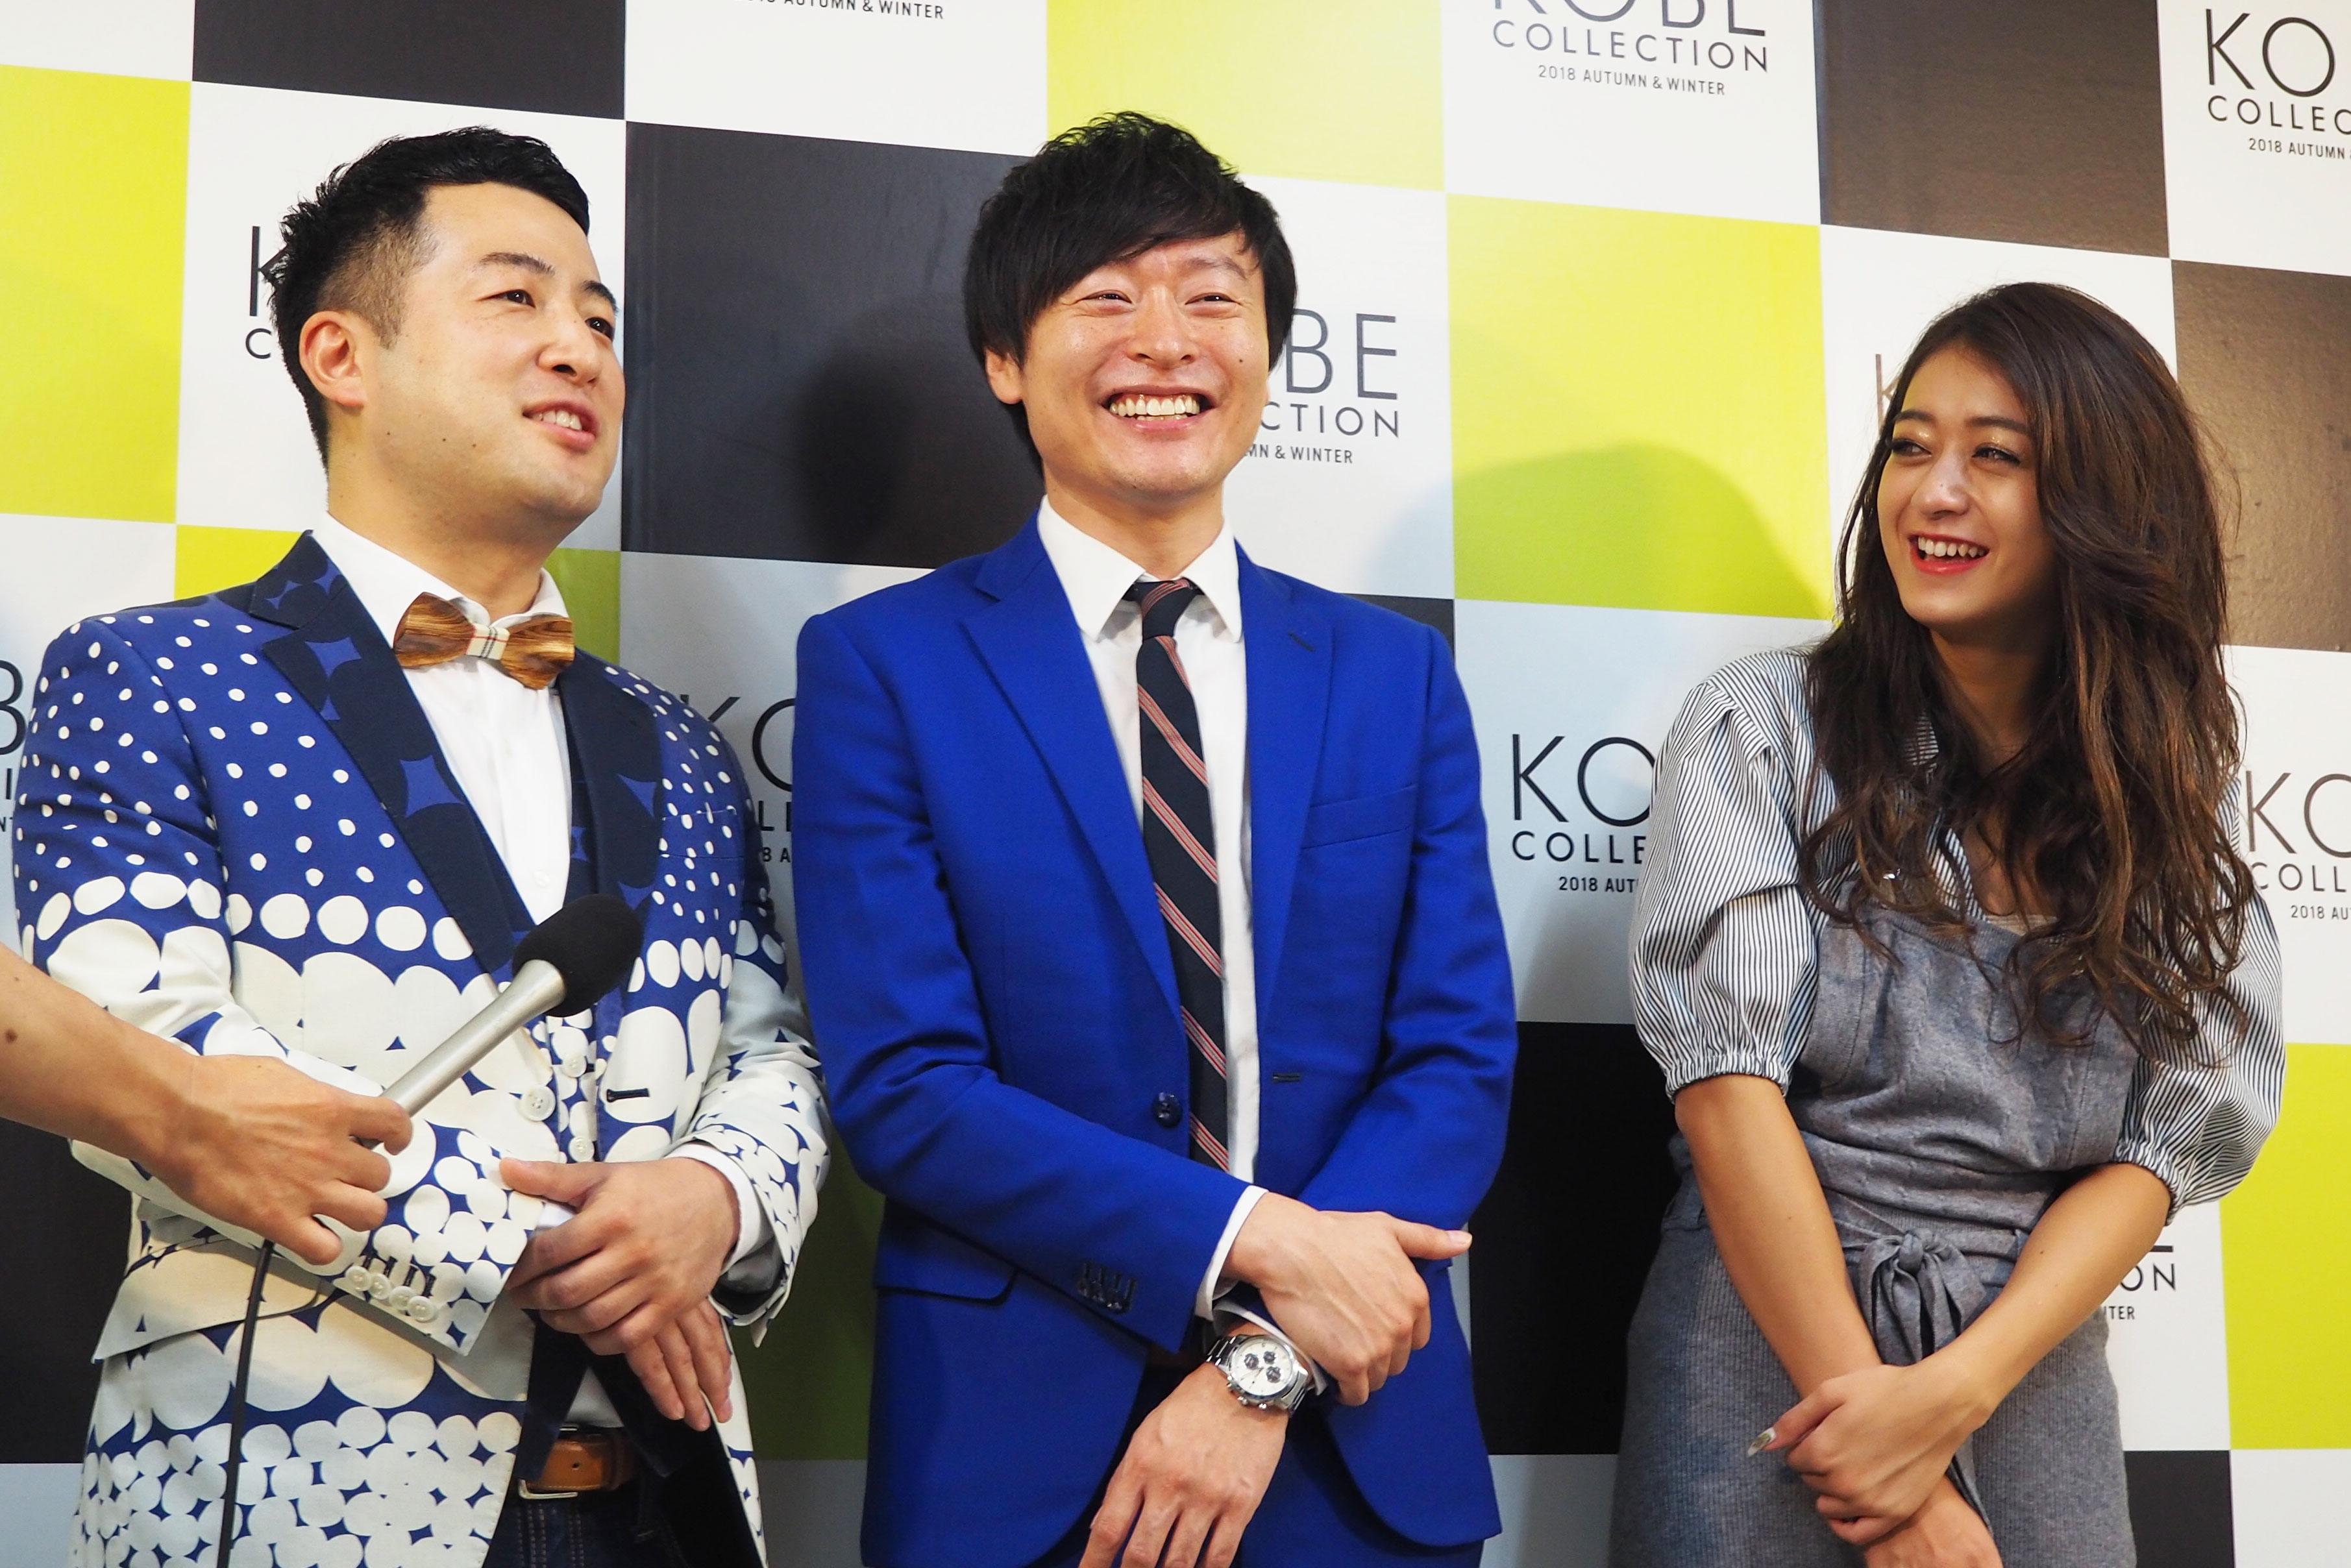 水田はファッションについて「英語がプリントされている服を着るとき、意味に気をつけて。そこだけ気をつけてほしいよなと思います」とアドバイス